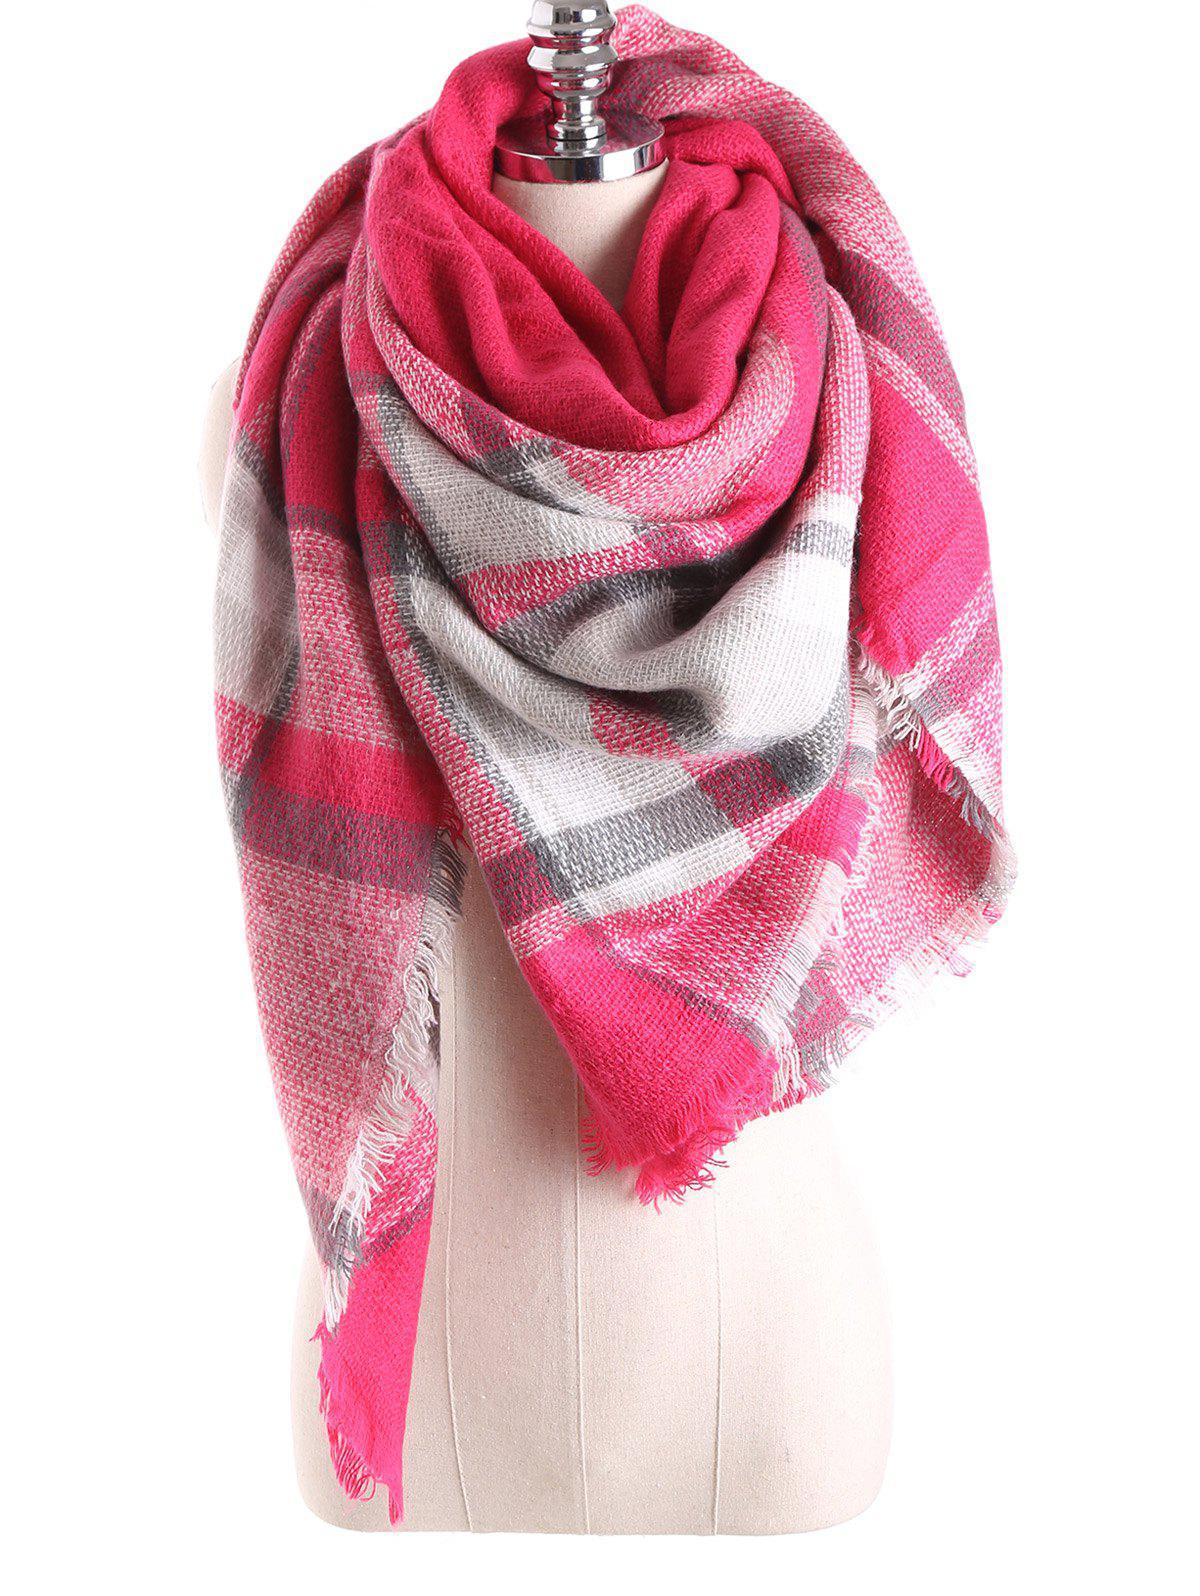 Tartan Plaid Blanket Shawl Scarf